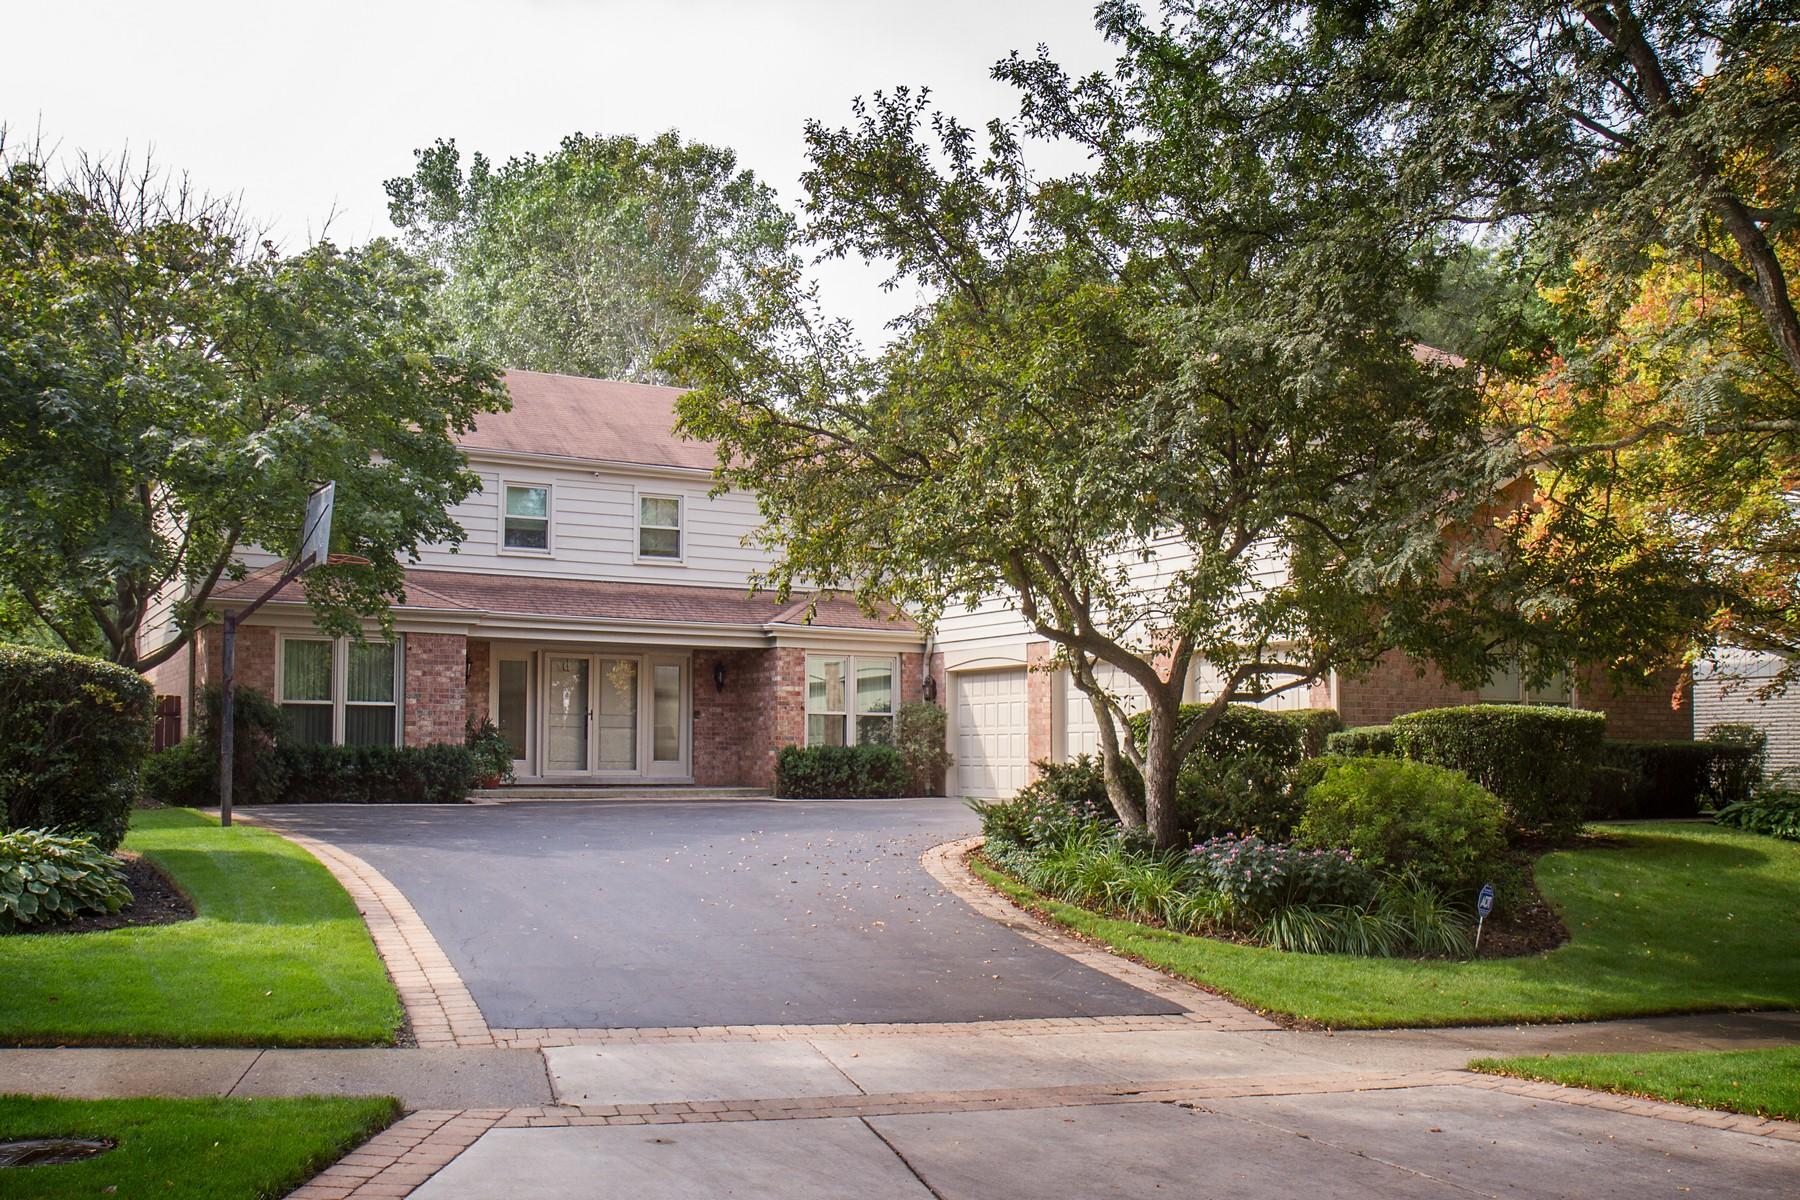 Casa Unifamiliar por un Venta en Fabulous Home with All Amenities 818 Woodleigh Avenue Highland Park, Illinois, 60035 Estados Unidos